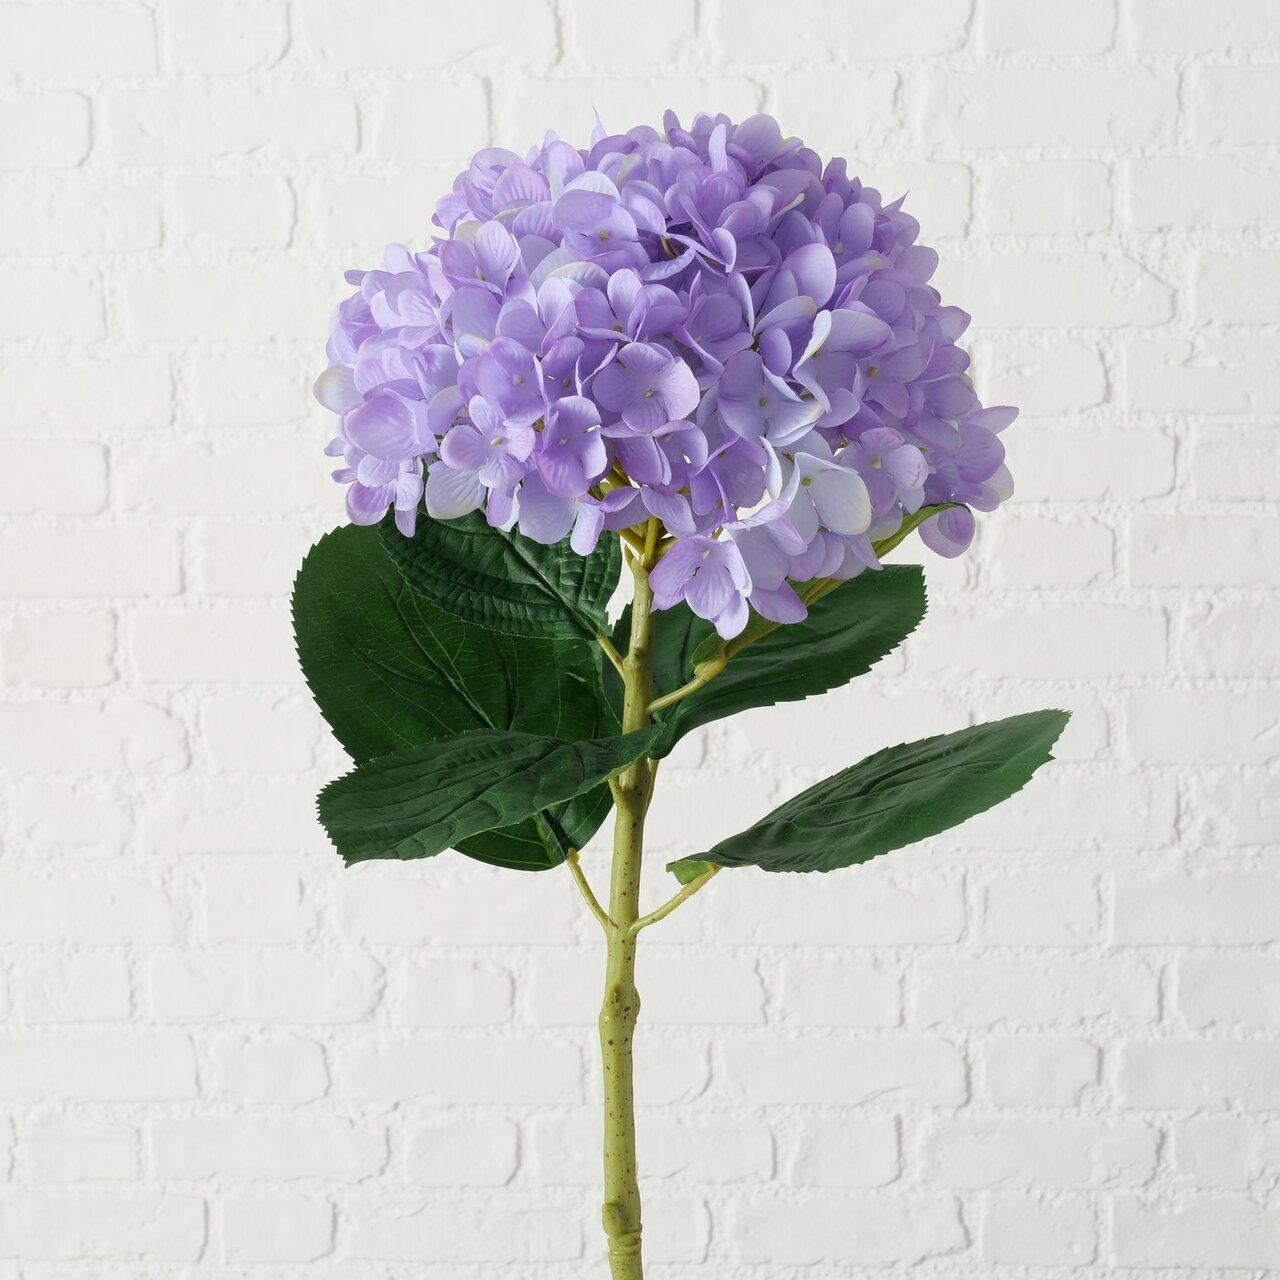 Boltze Hortensie Stielblume Kunstblume